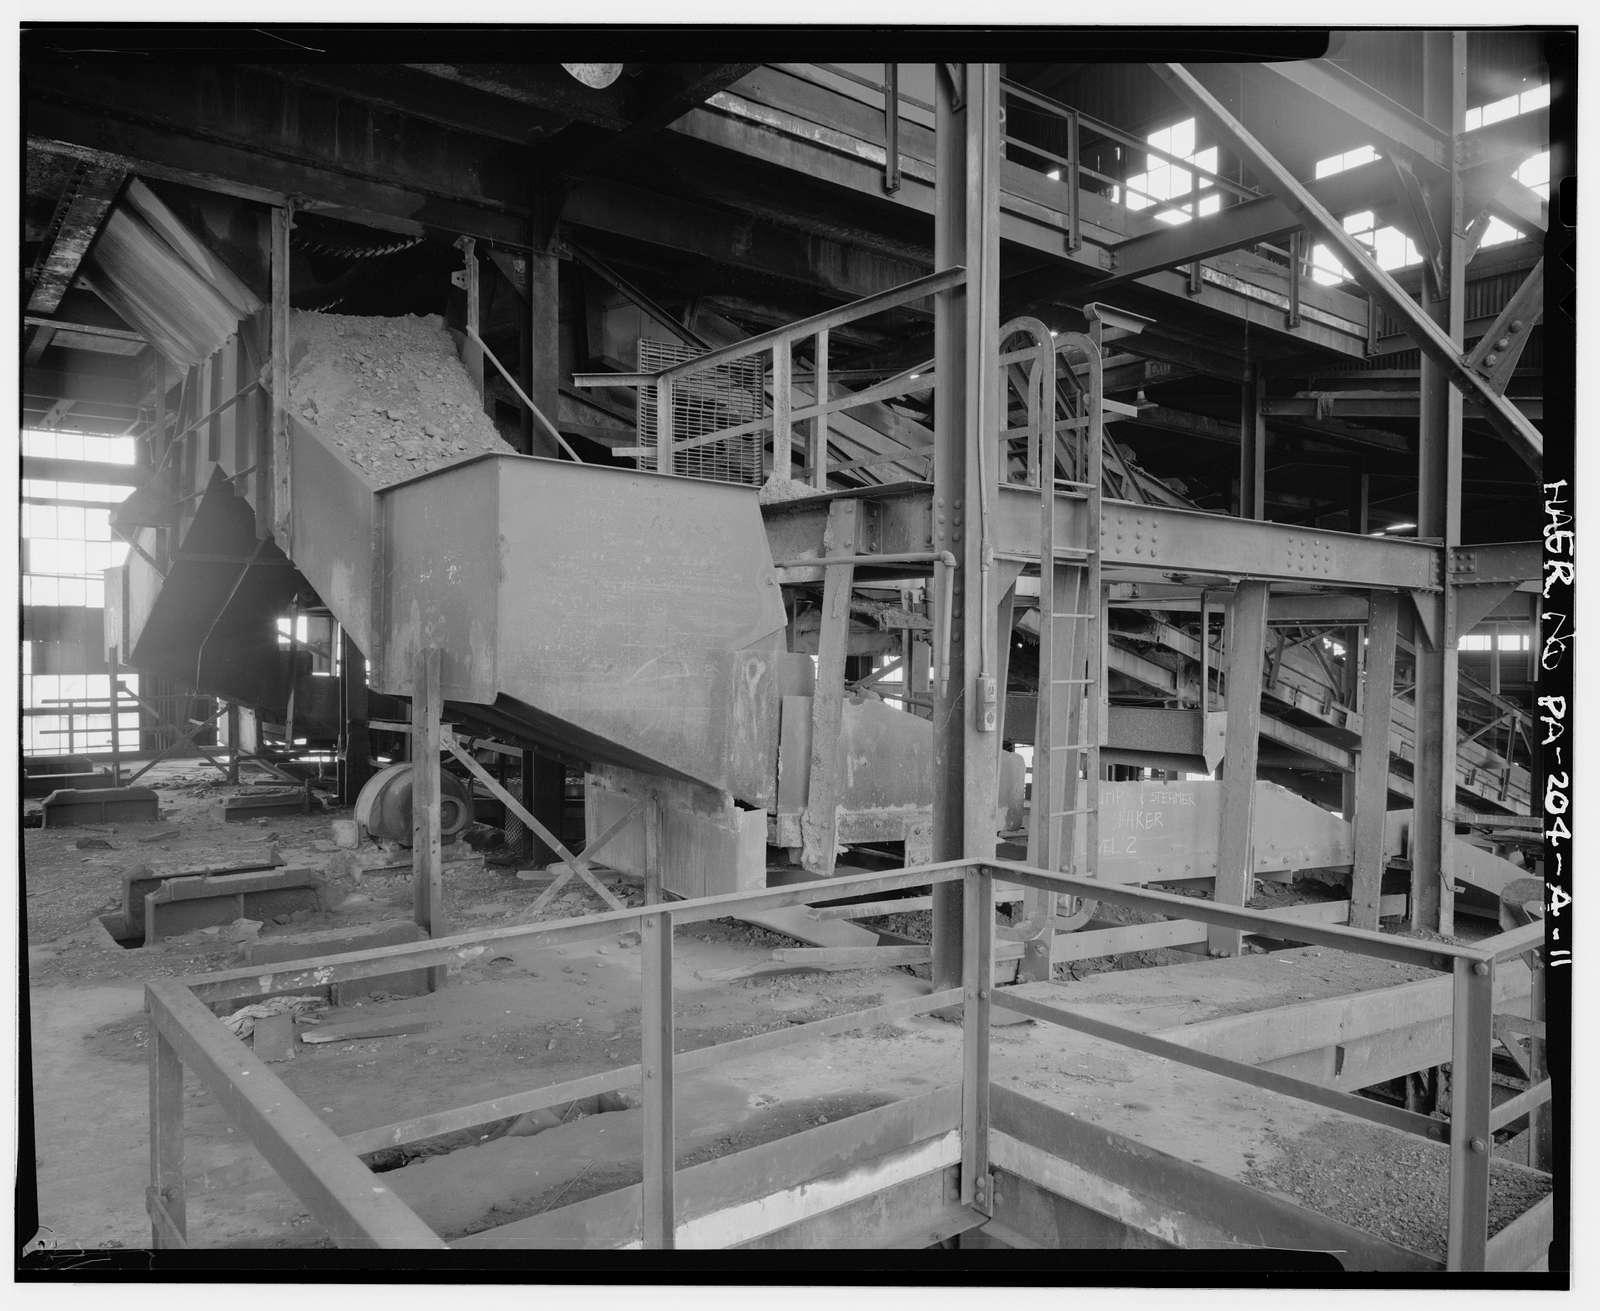 Huber Coal Breaker, Breaker, 101 South Main Street, Ashley, Luzerne County, PA